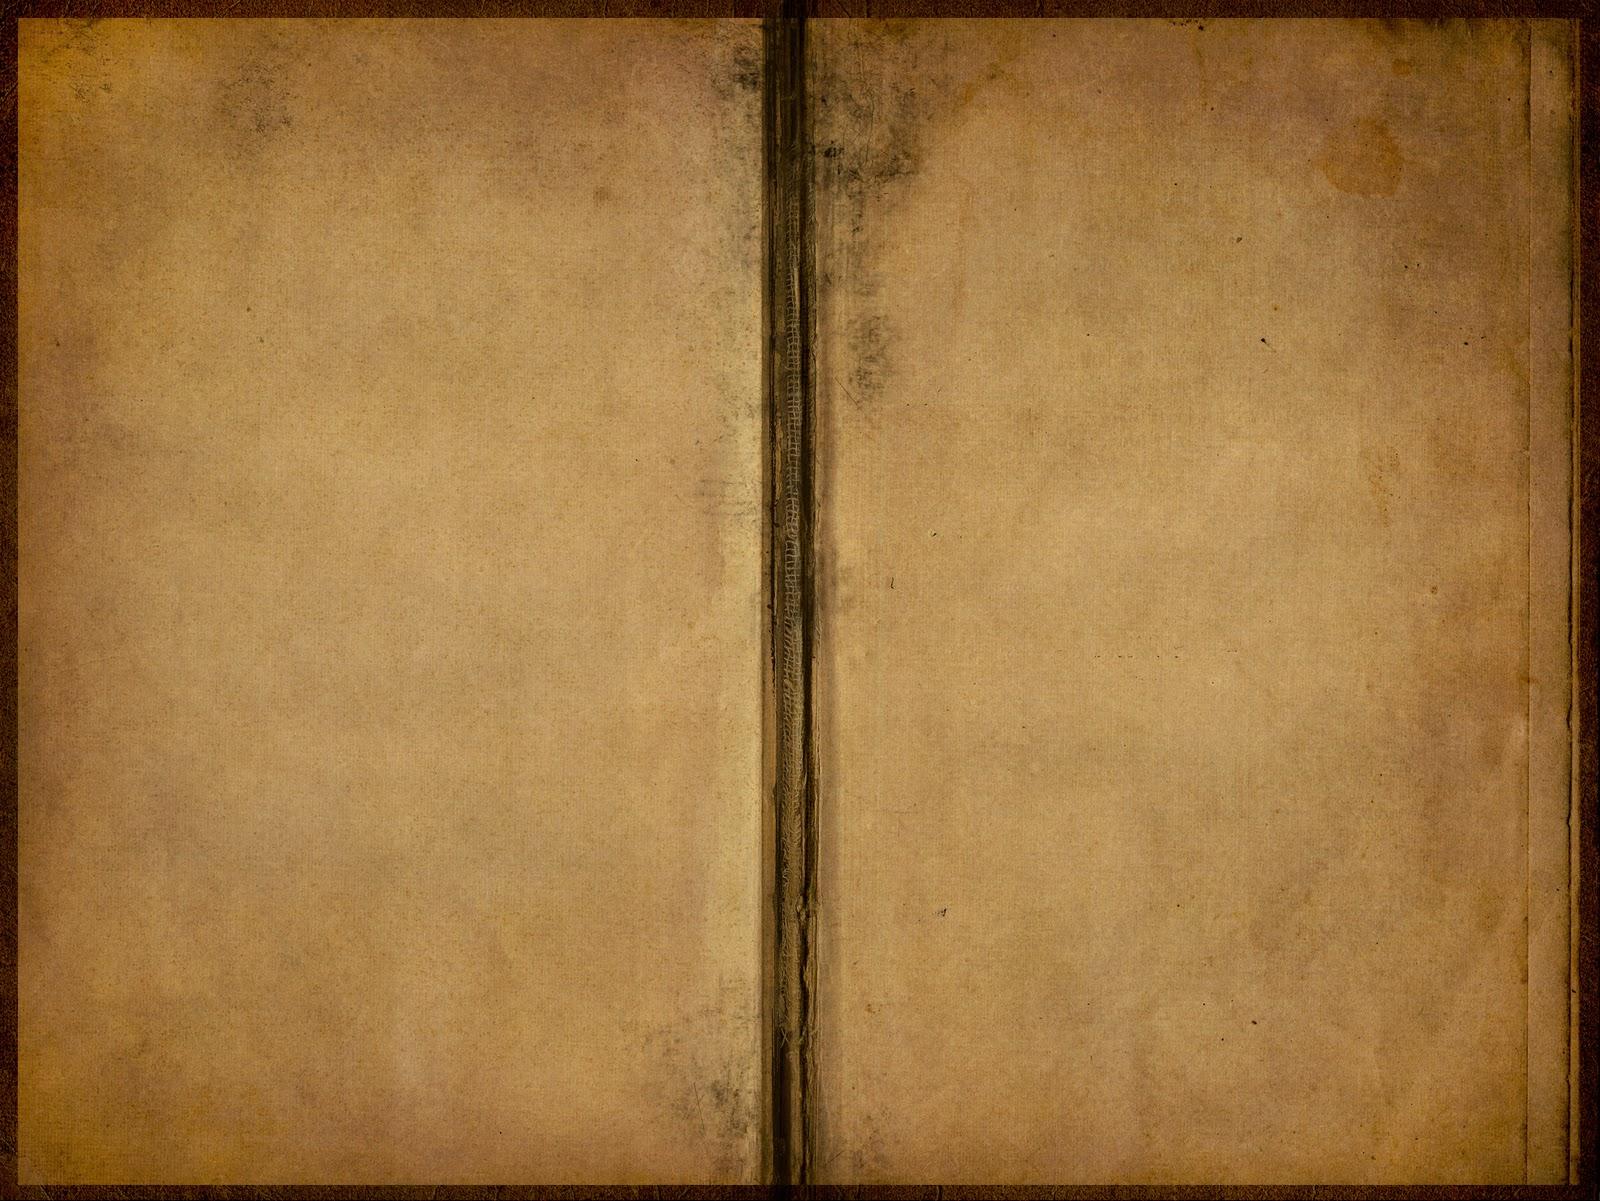 обнинска, фон открытой книги фотошоп стулья, диваны, банкетки